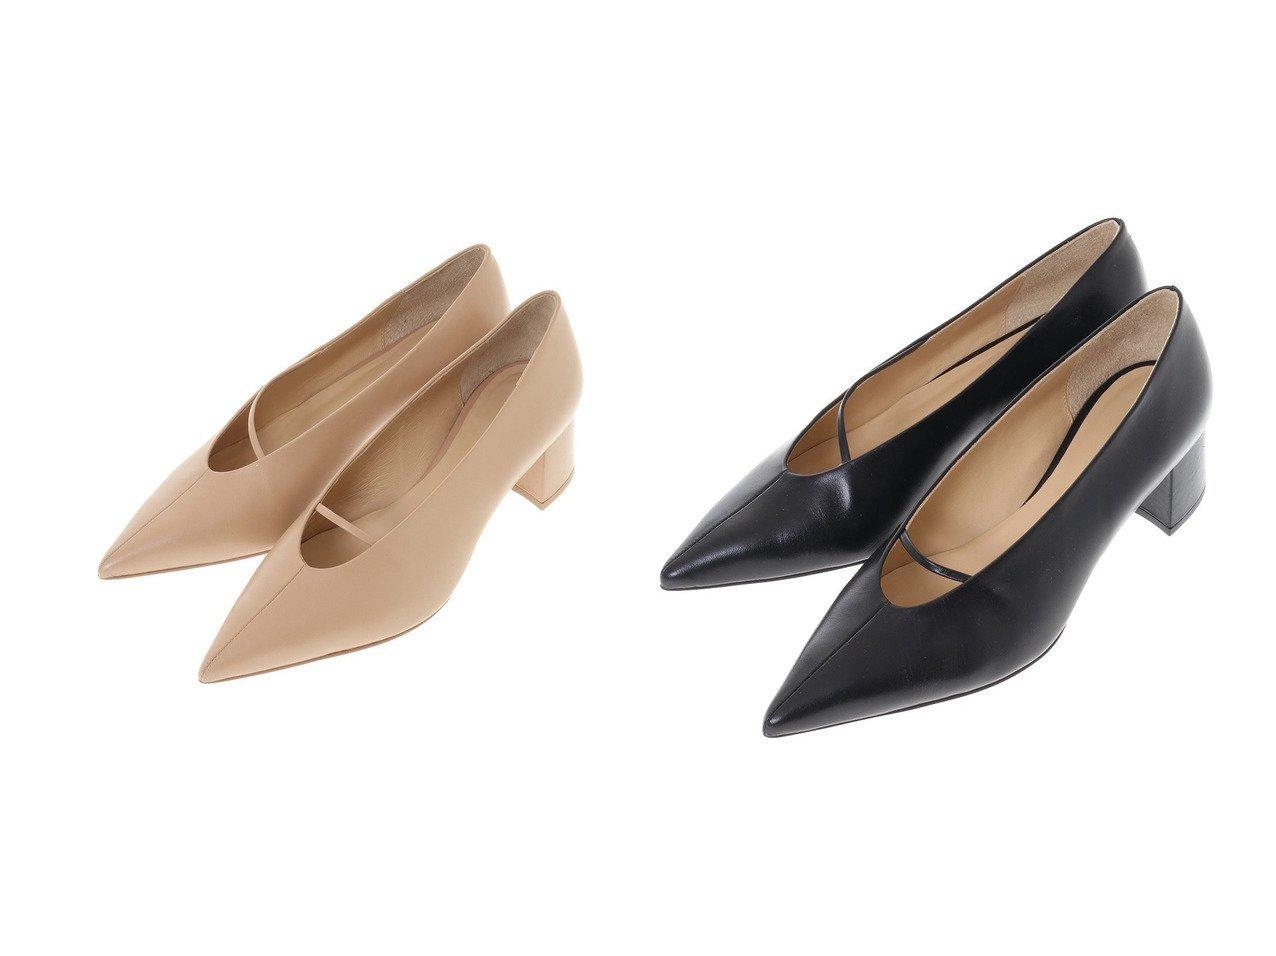 【CLANE/クラネ】のLINE STRAP PUMPS シューズ・靴のおすすめ!人気、トレンド・レディースファッションの通販 おすすめで人気の流行・トレンド、ファッションの通販商品 メンズファッション・キッズファッション・インテリア・家具・レディースファッション・服の通販 founy(ファニー) https://founy.com/ ファッション Fashion レディースファッション WOMEN NEW・新作・新着・新入荷 New Arrivals クッション シューズ センター |ID:crp329100000022541